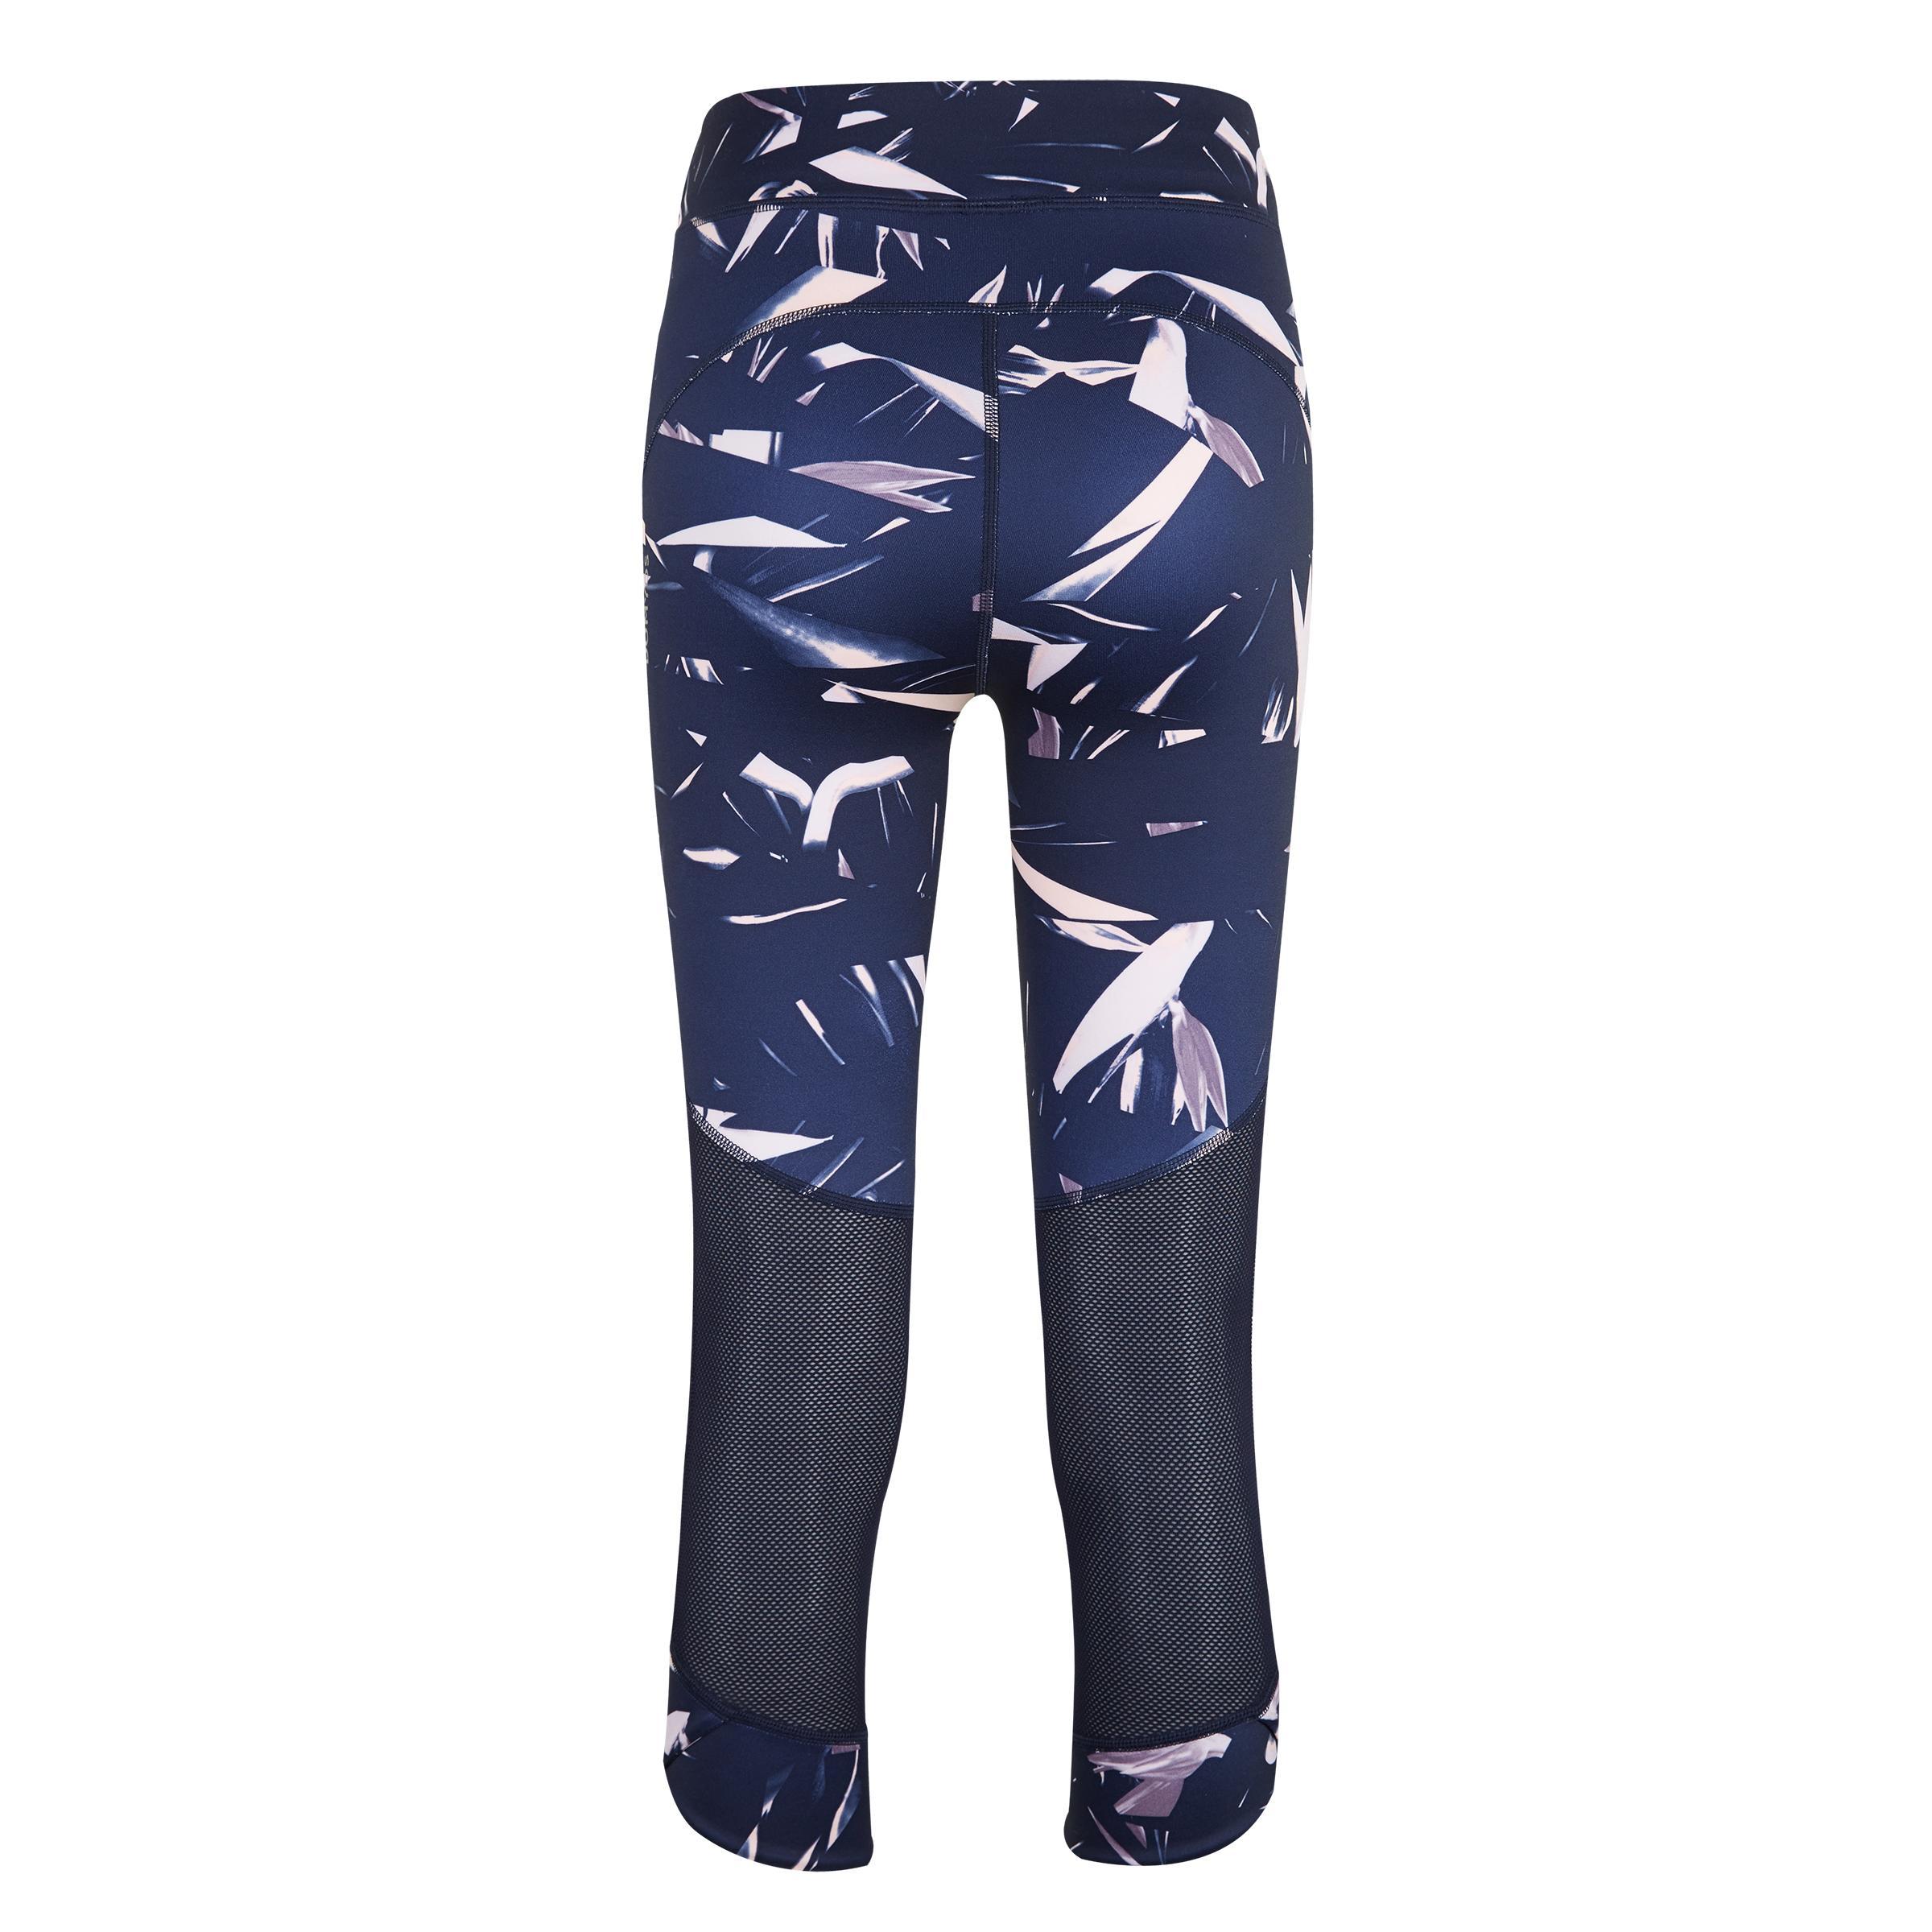 กางเกงเลกกิ้งผู้หญิงขา 7/8 ส่วนสำหรับคาร์ดิโอรุ่น 500 (สีกรมท่า)